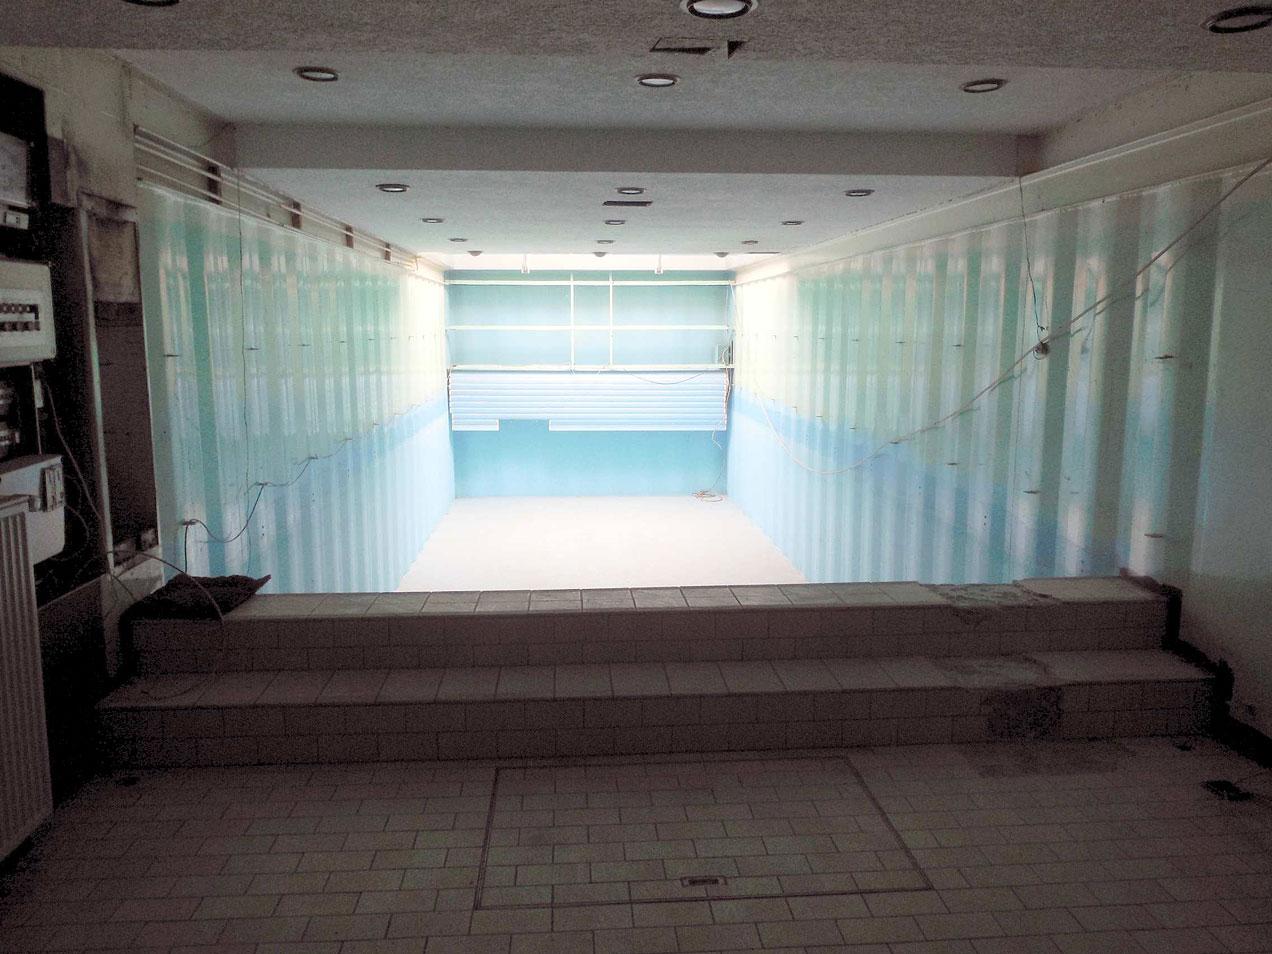 schwimmhalle-sanierung